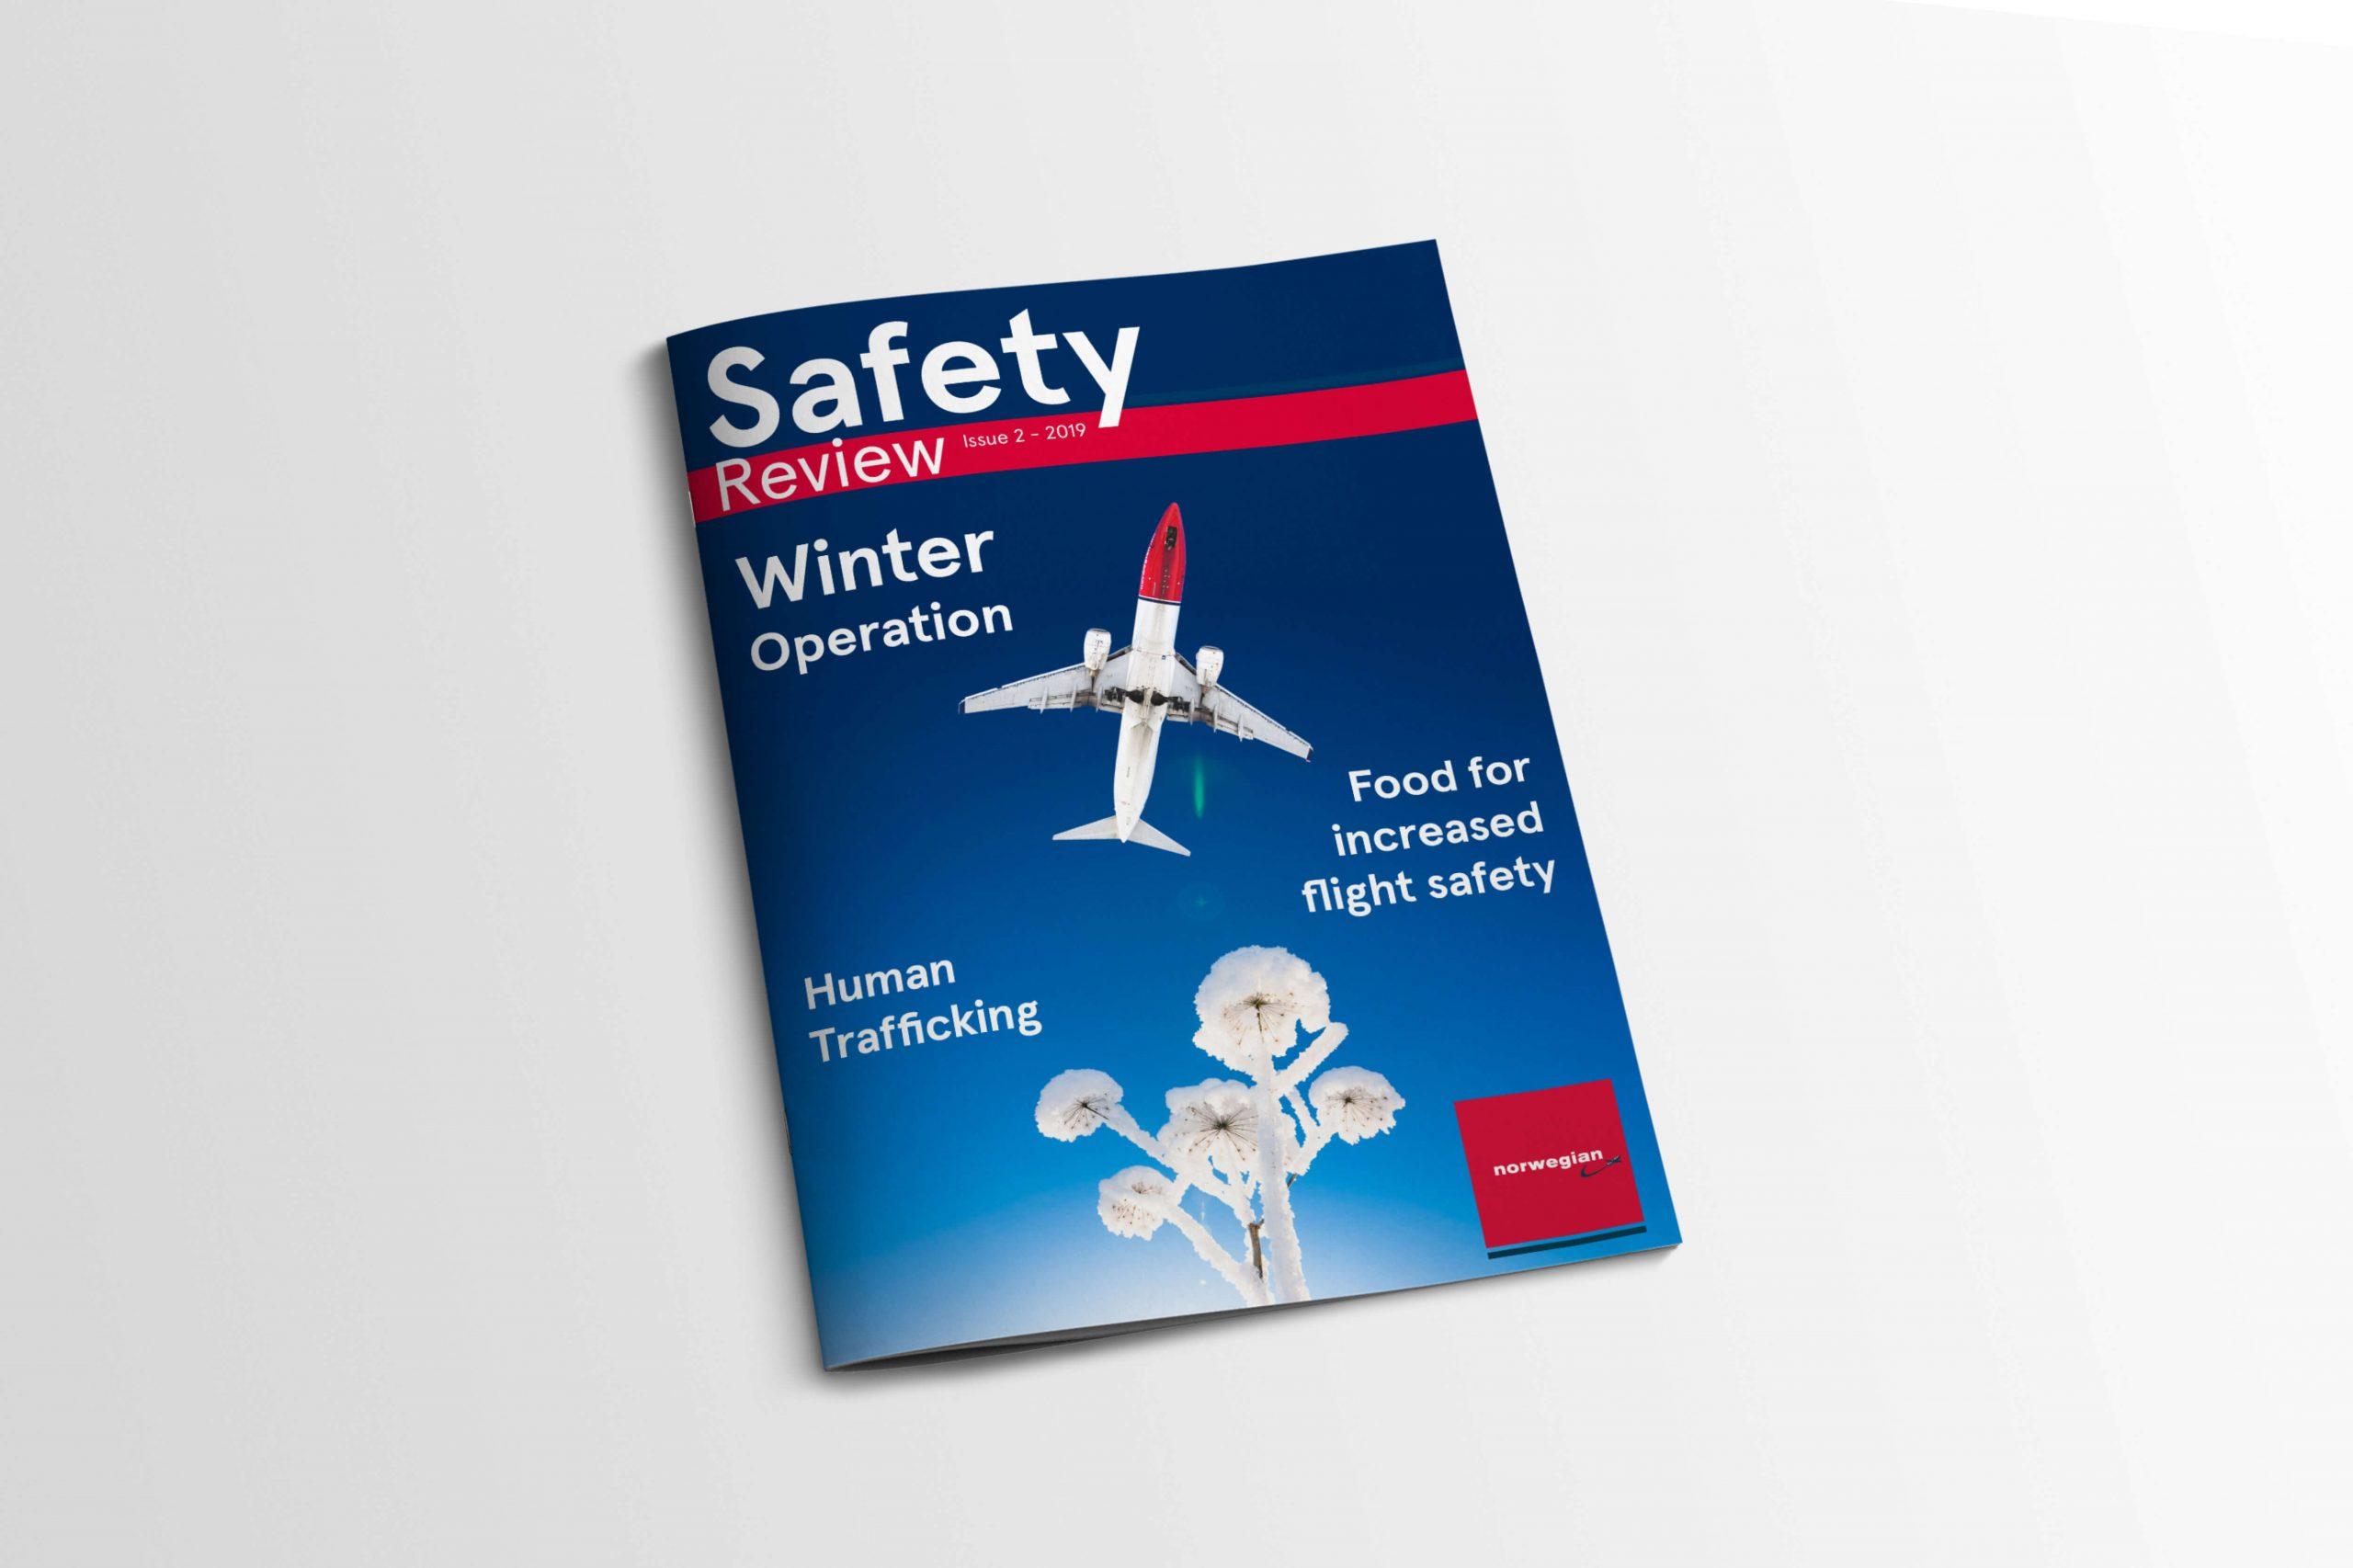 Norwegian Safety Review — et internmagasin produsert av Norwegian